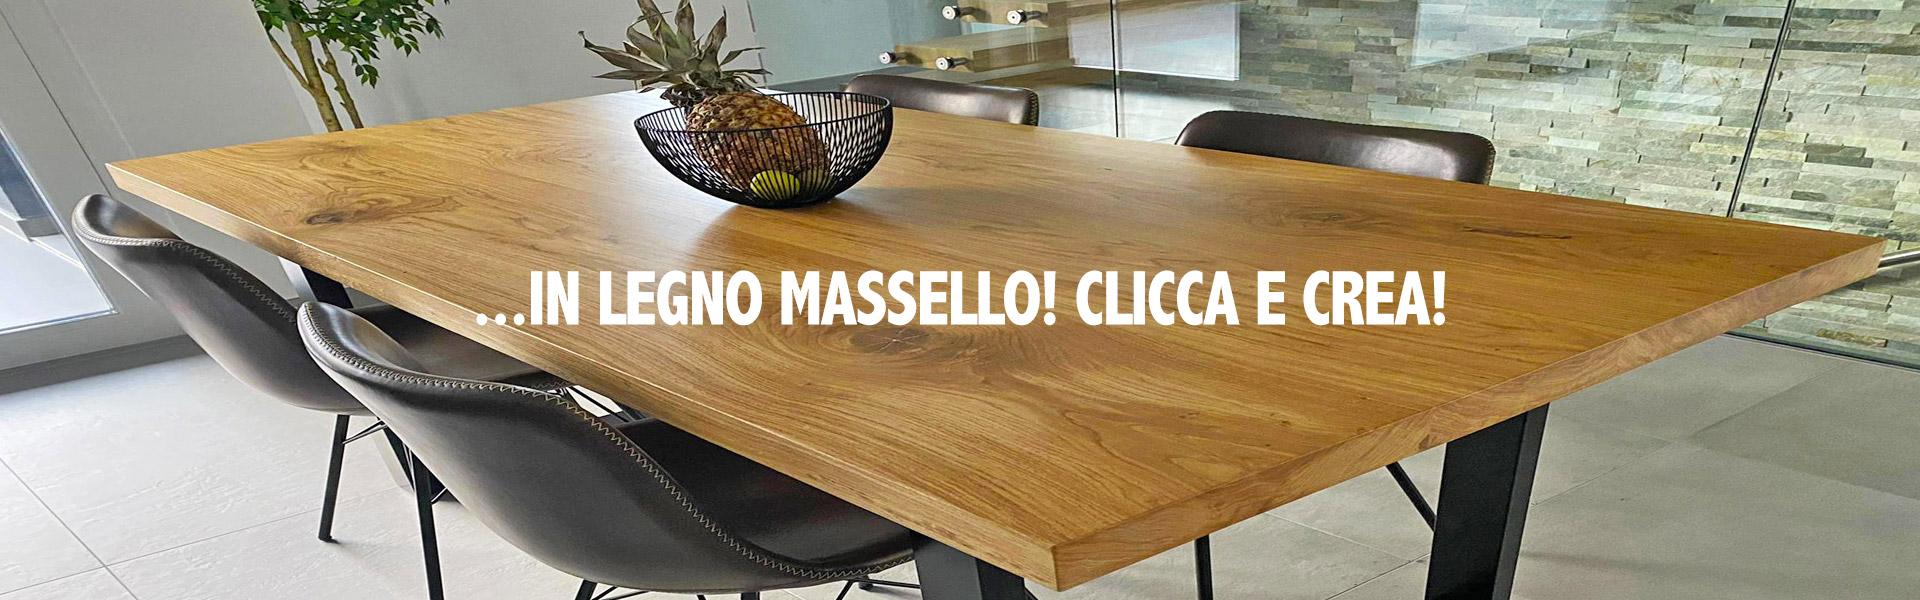 Verniciare Un Tavolo Di Legno tavoli su misura in legno massello | tavola legno massello